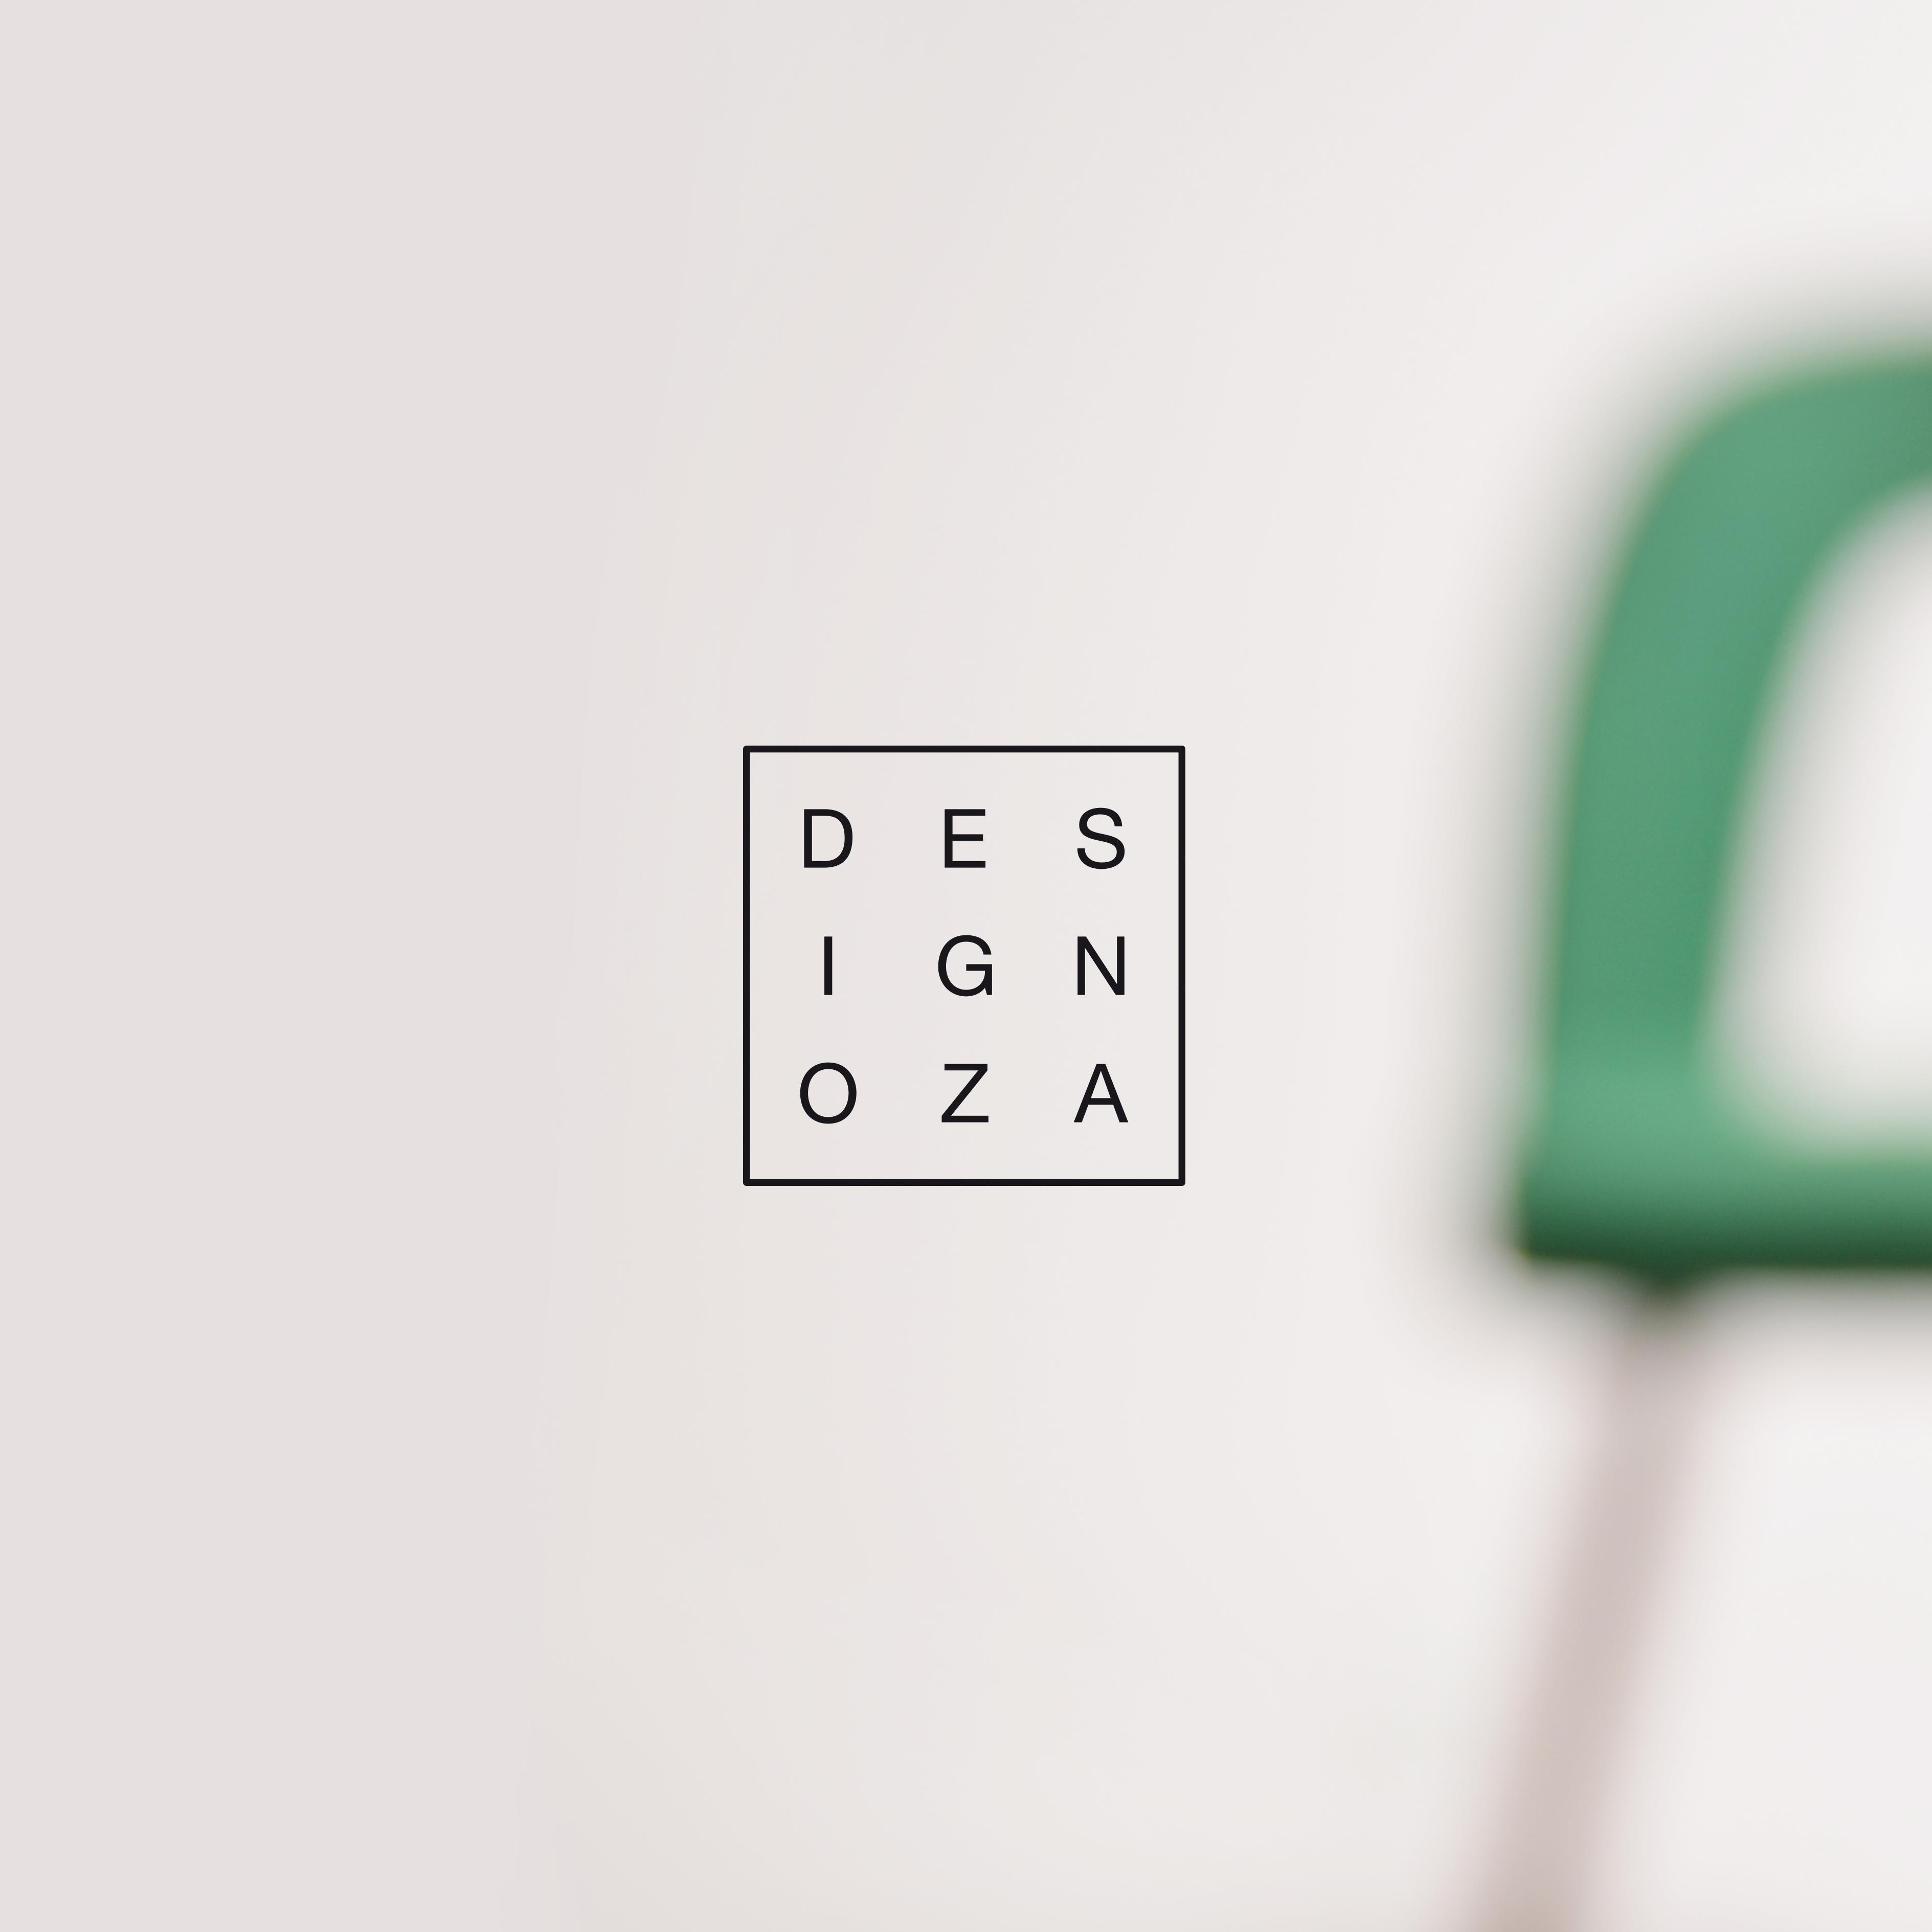 Designoza